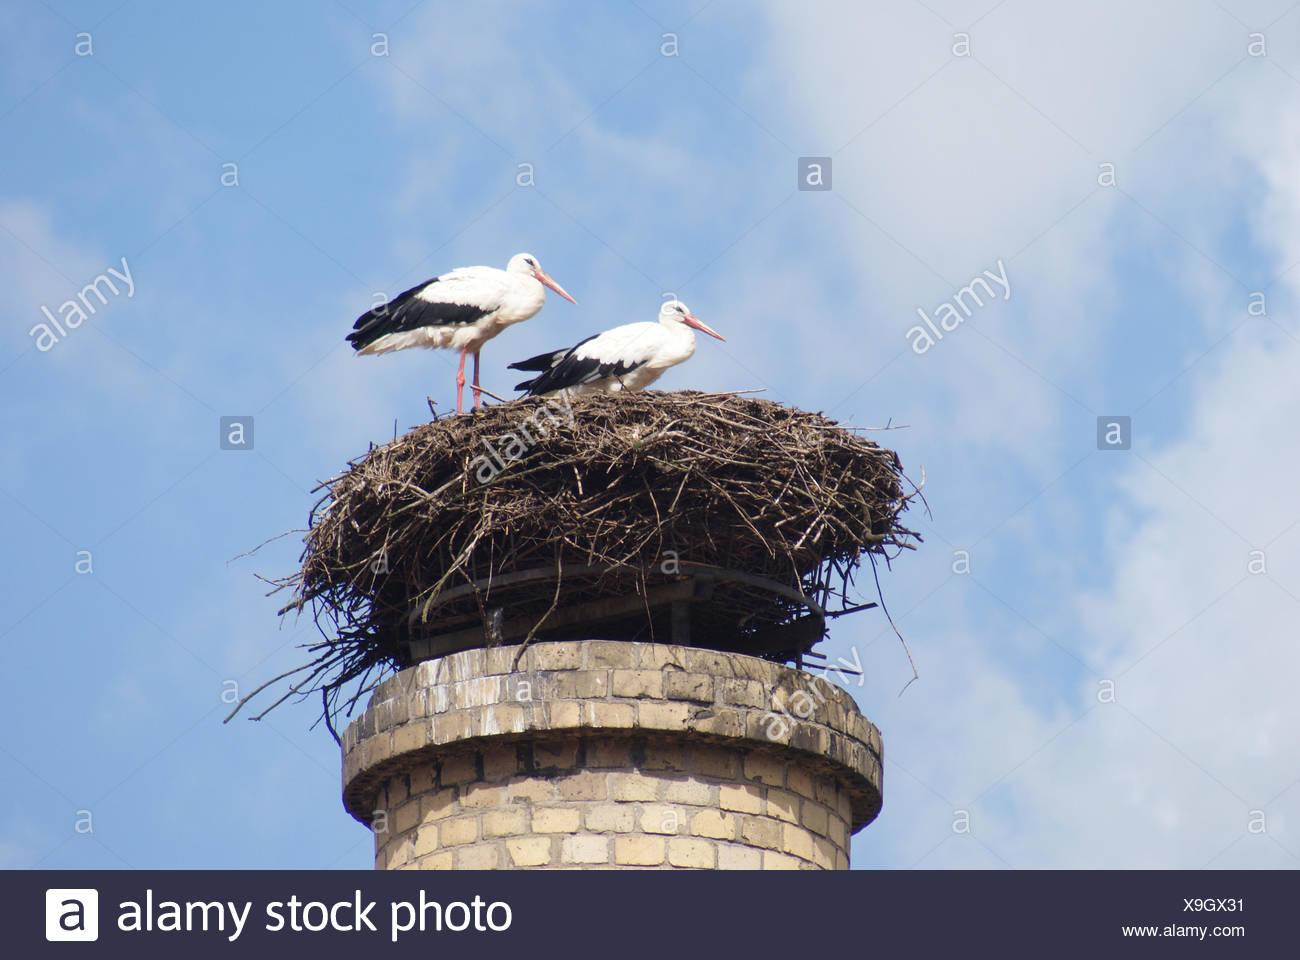 White stork - Stock Image